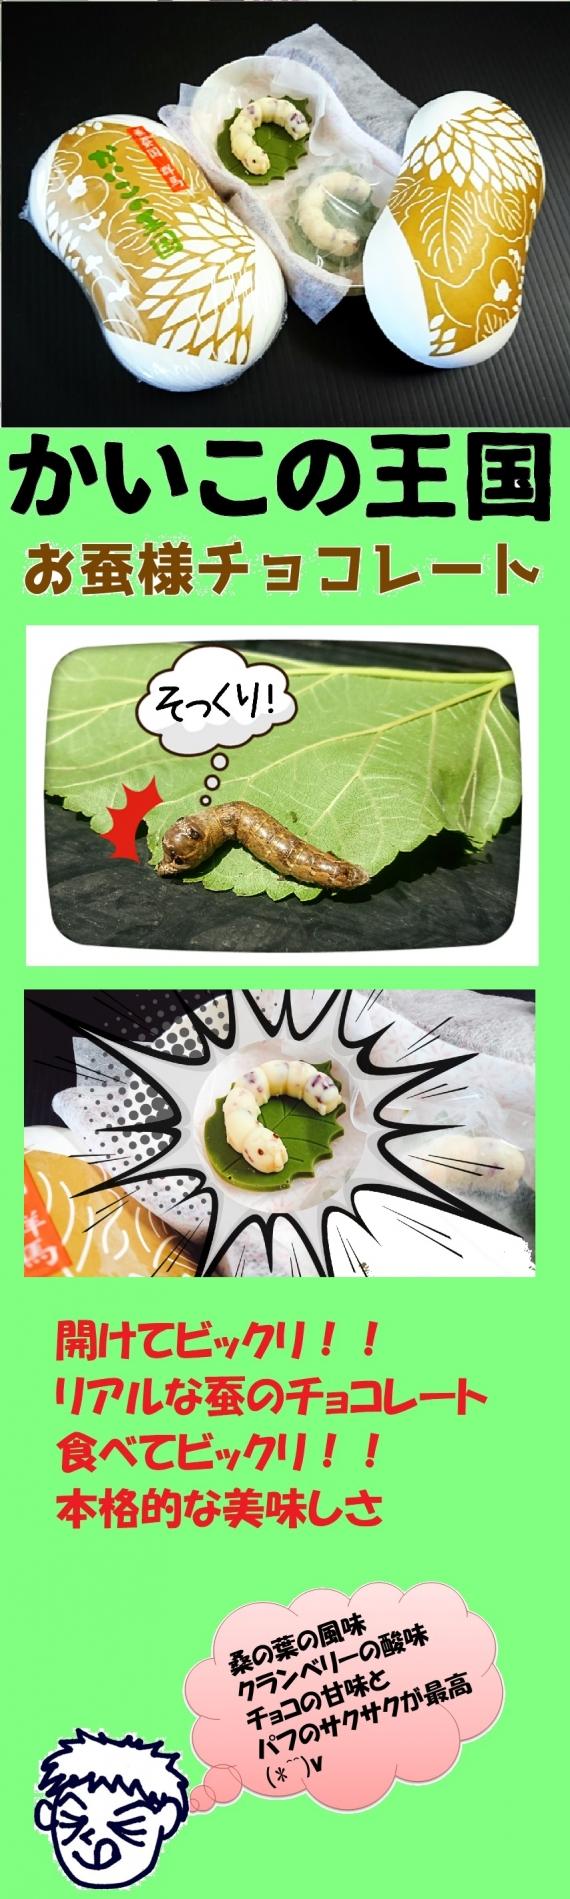 <47CLUB> 桑葉チョコ?!桑の葉に乗ったお蚕様チョコレート【かいこの王国】画像